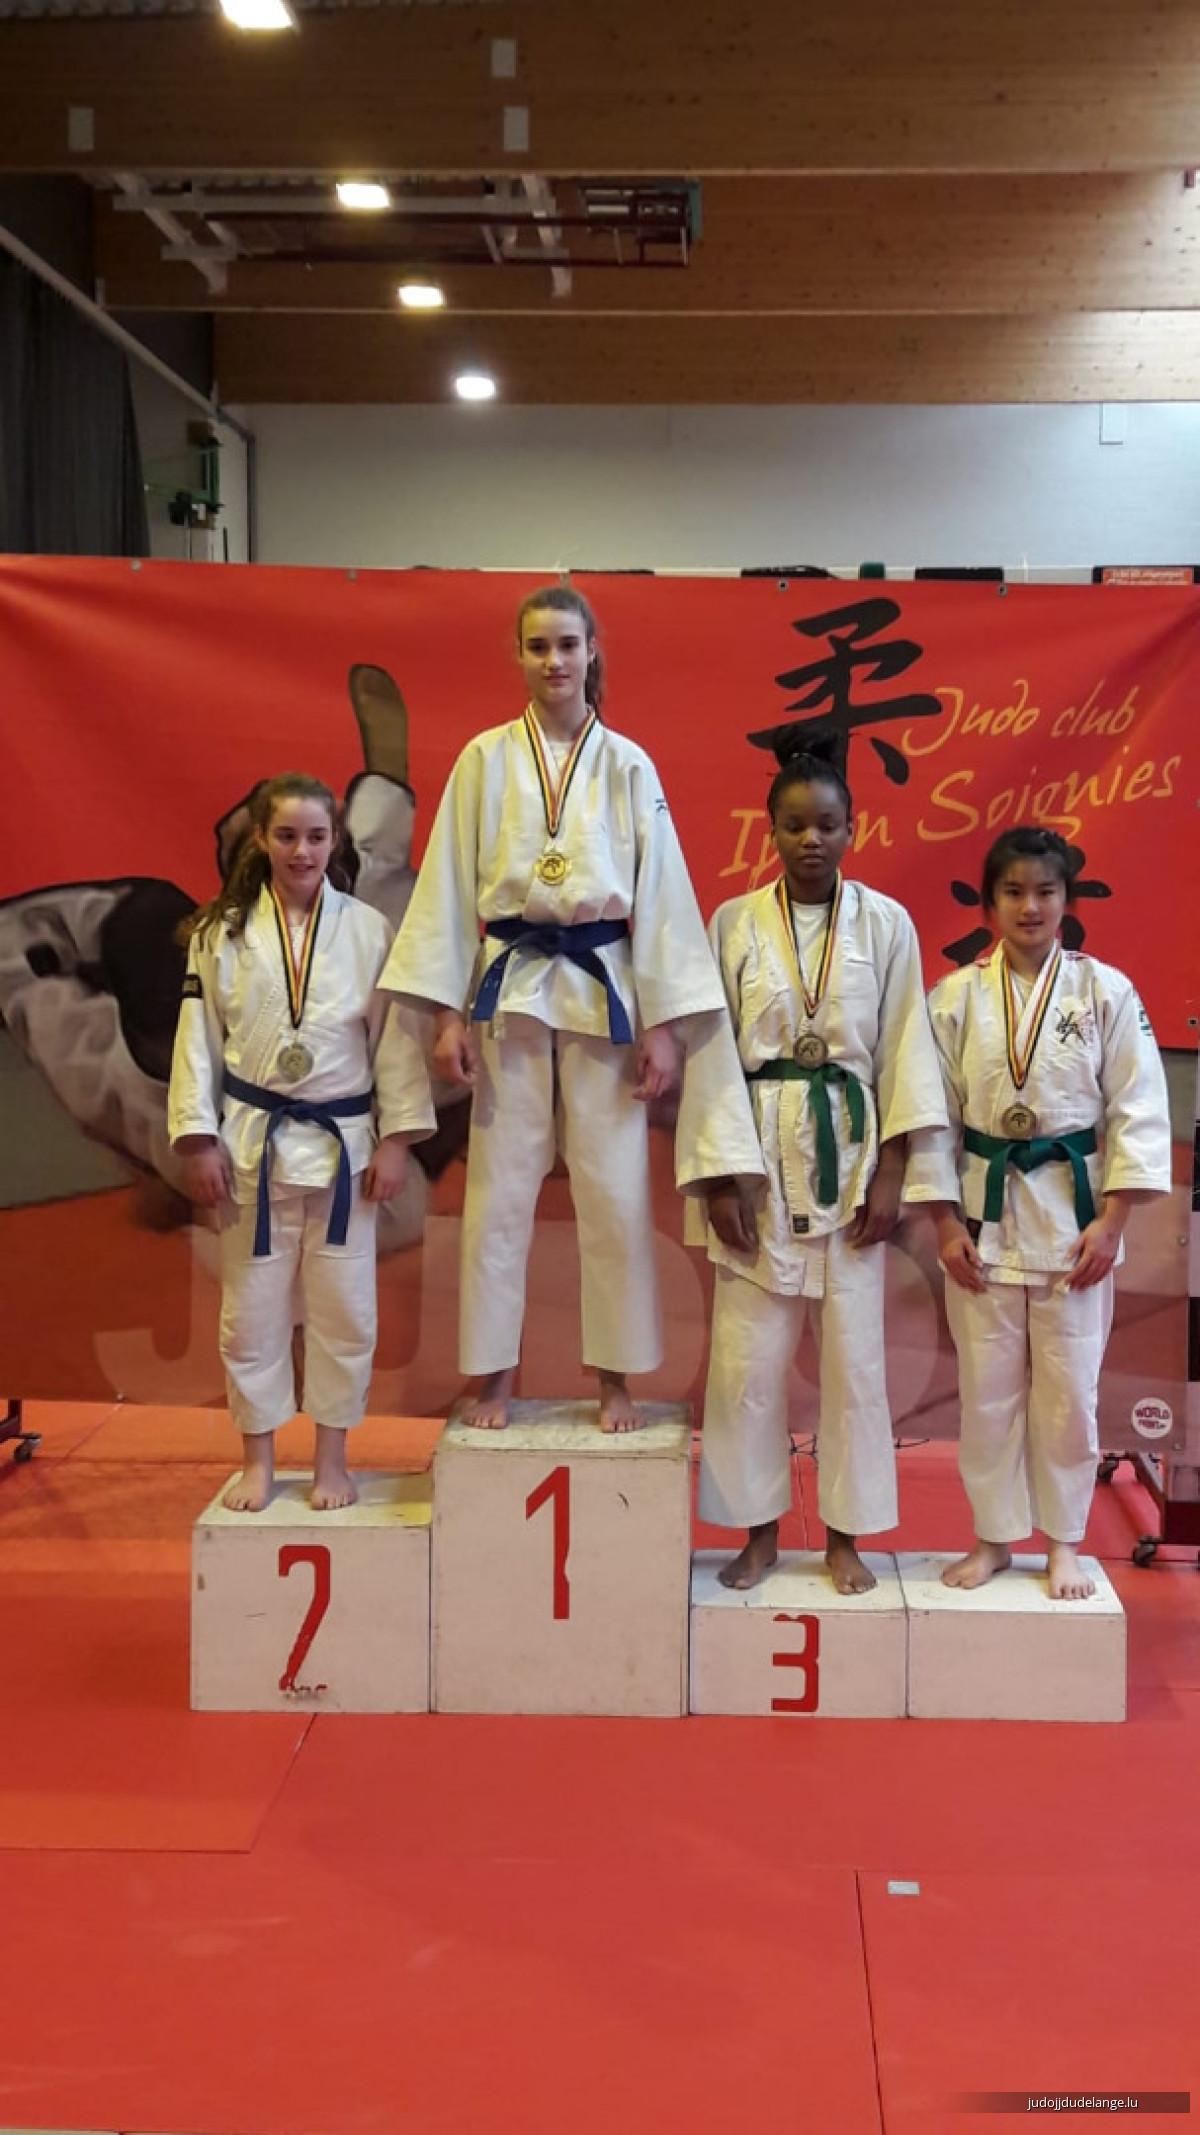 Grand Prix de Judo de Soignies 2019